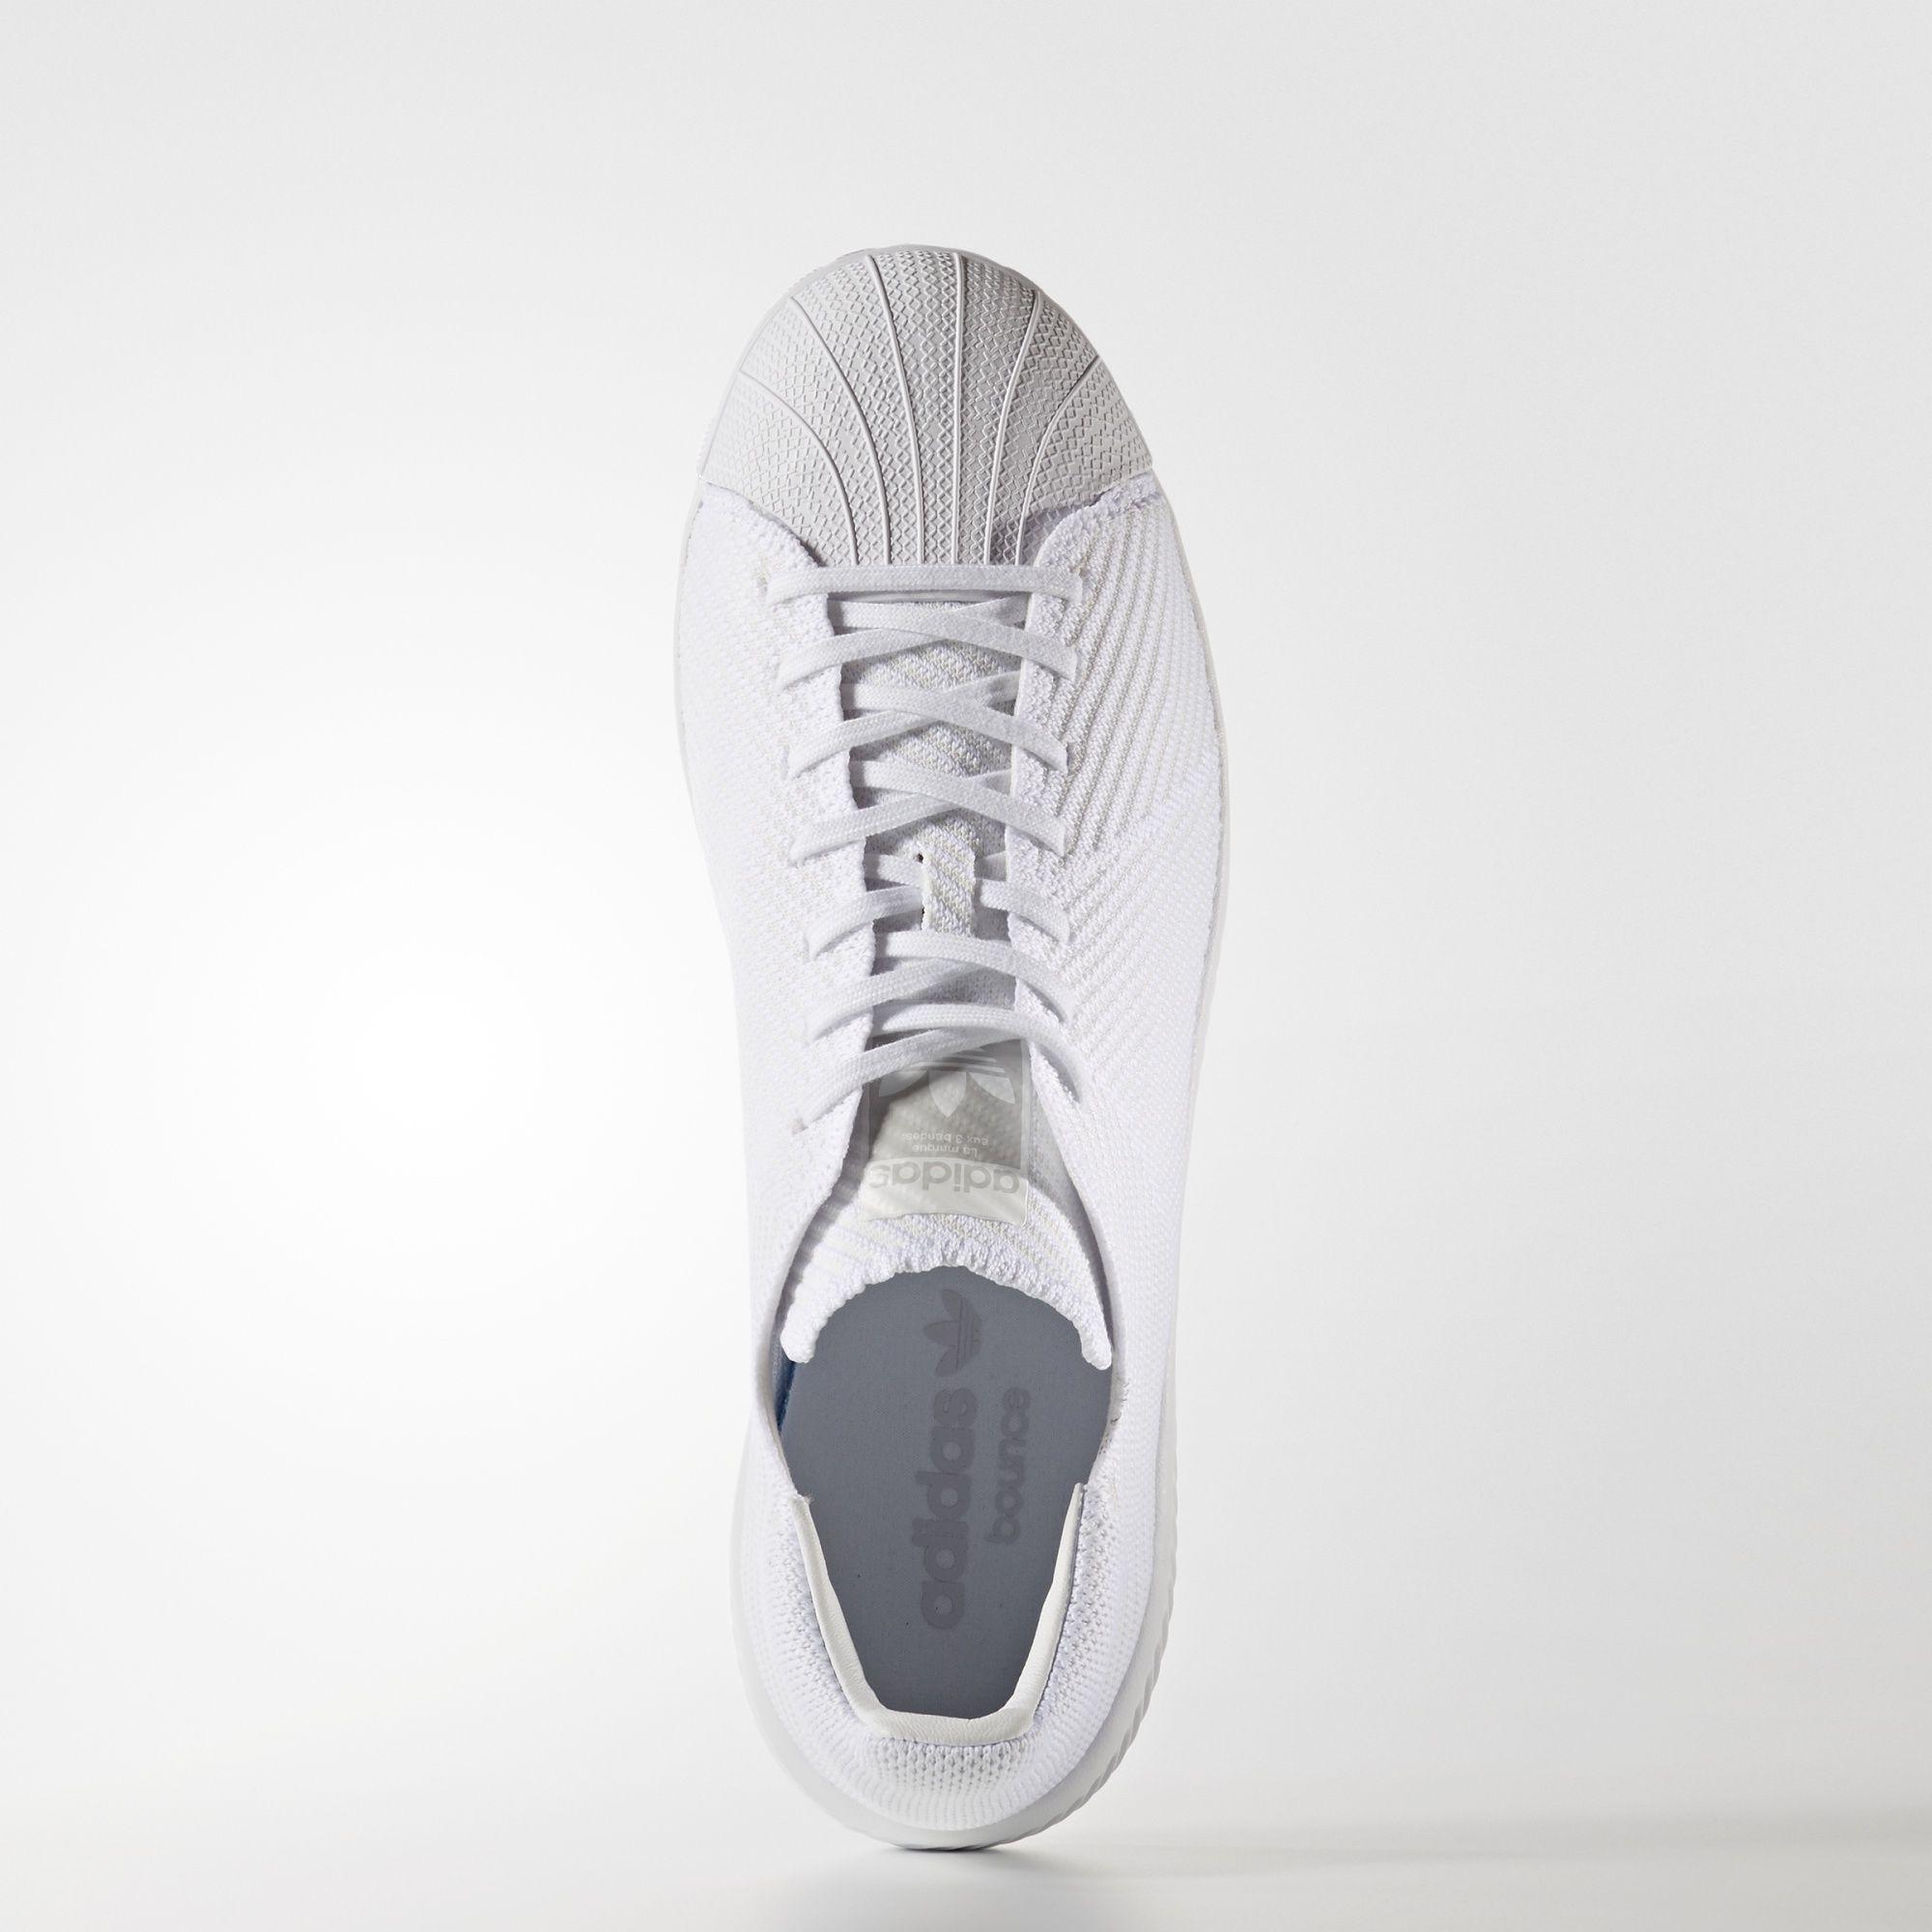 Adidas Superstar Sprett Primeknit Hvit dlj4hRlN